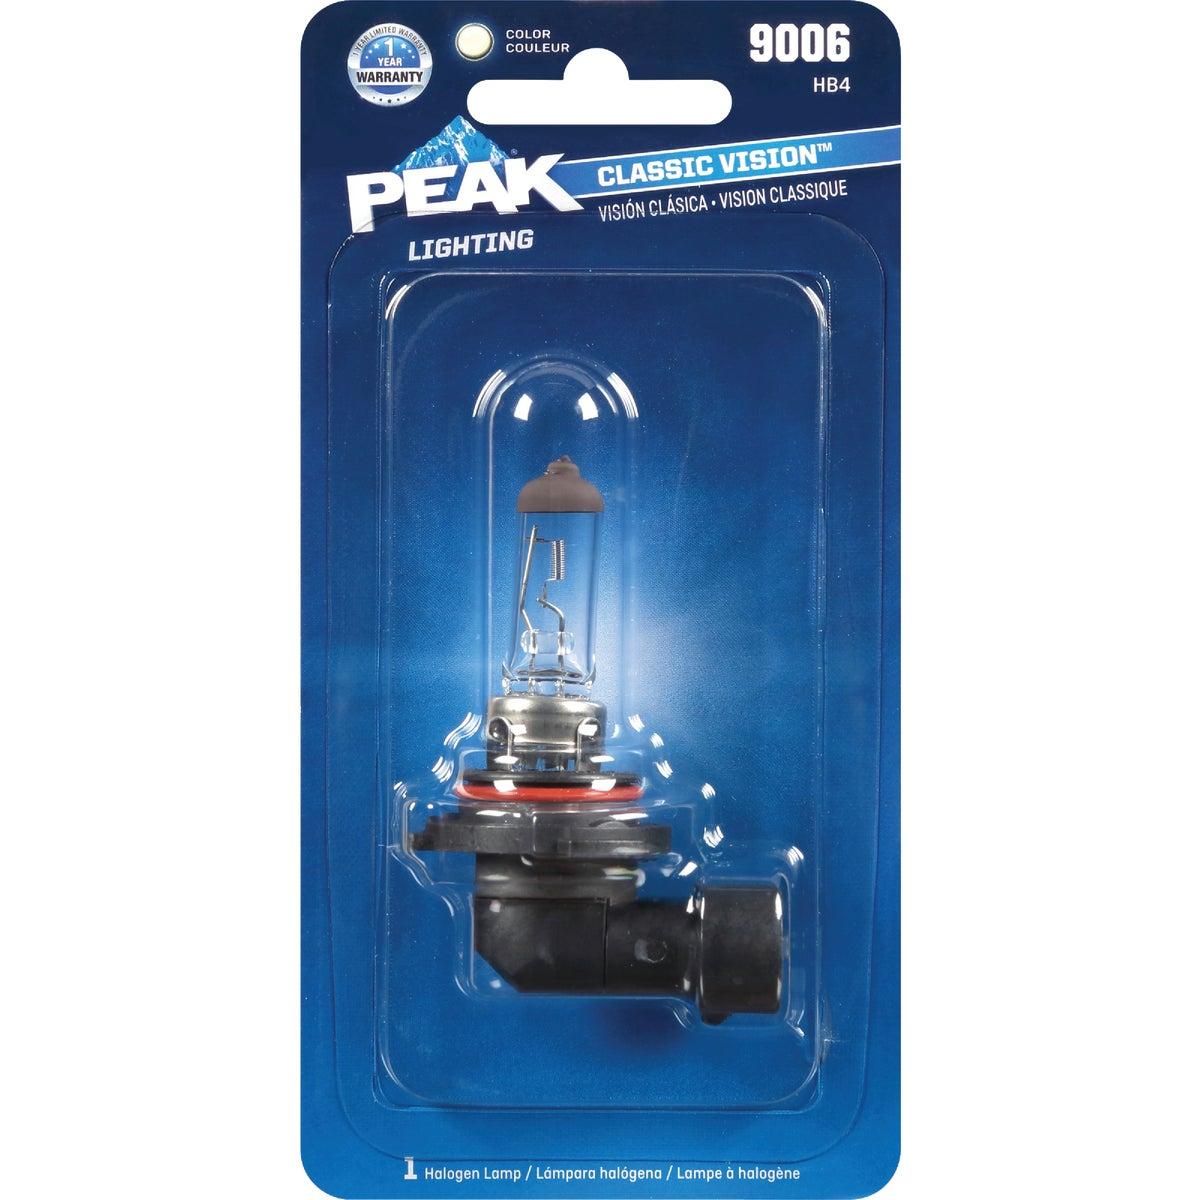 H9006 Low Halogen Bulb